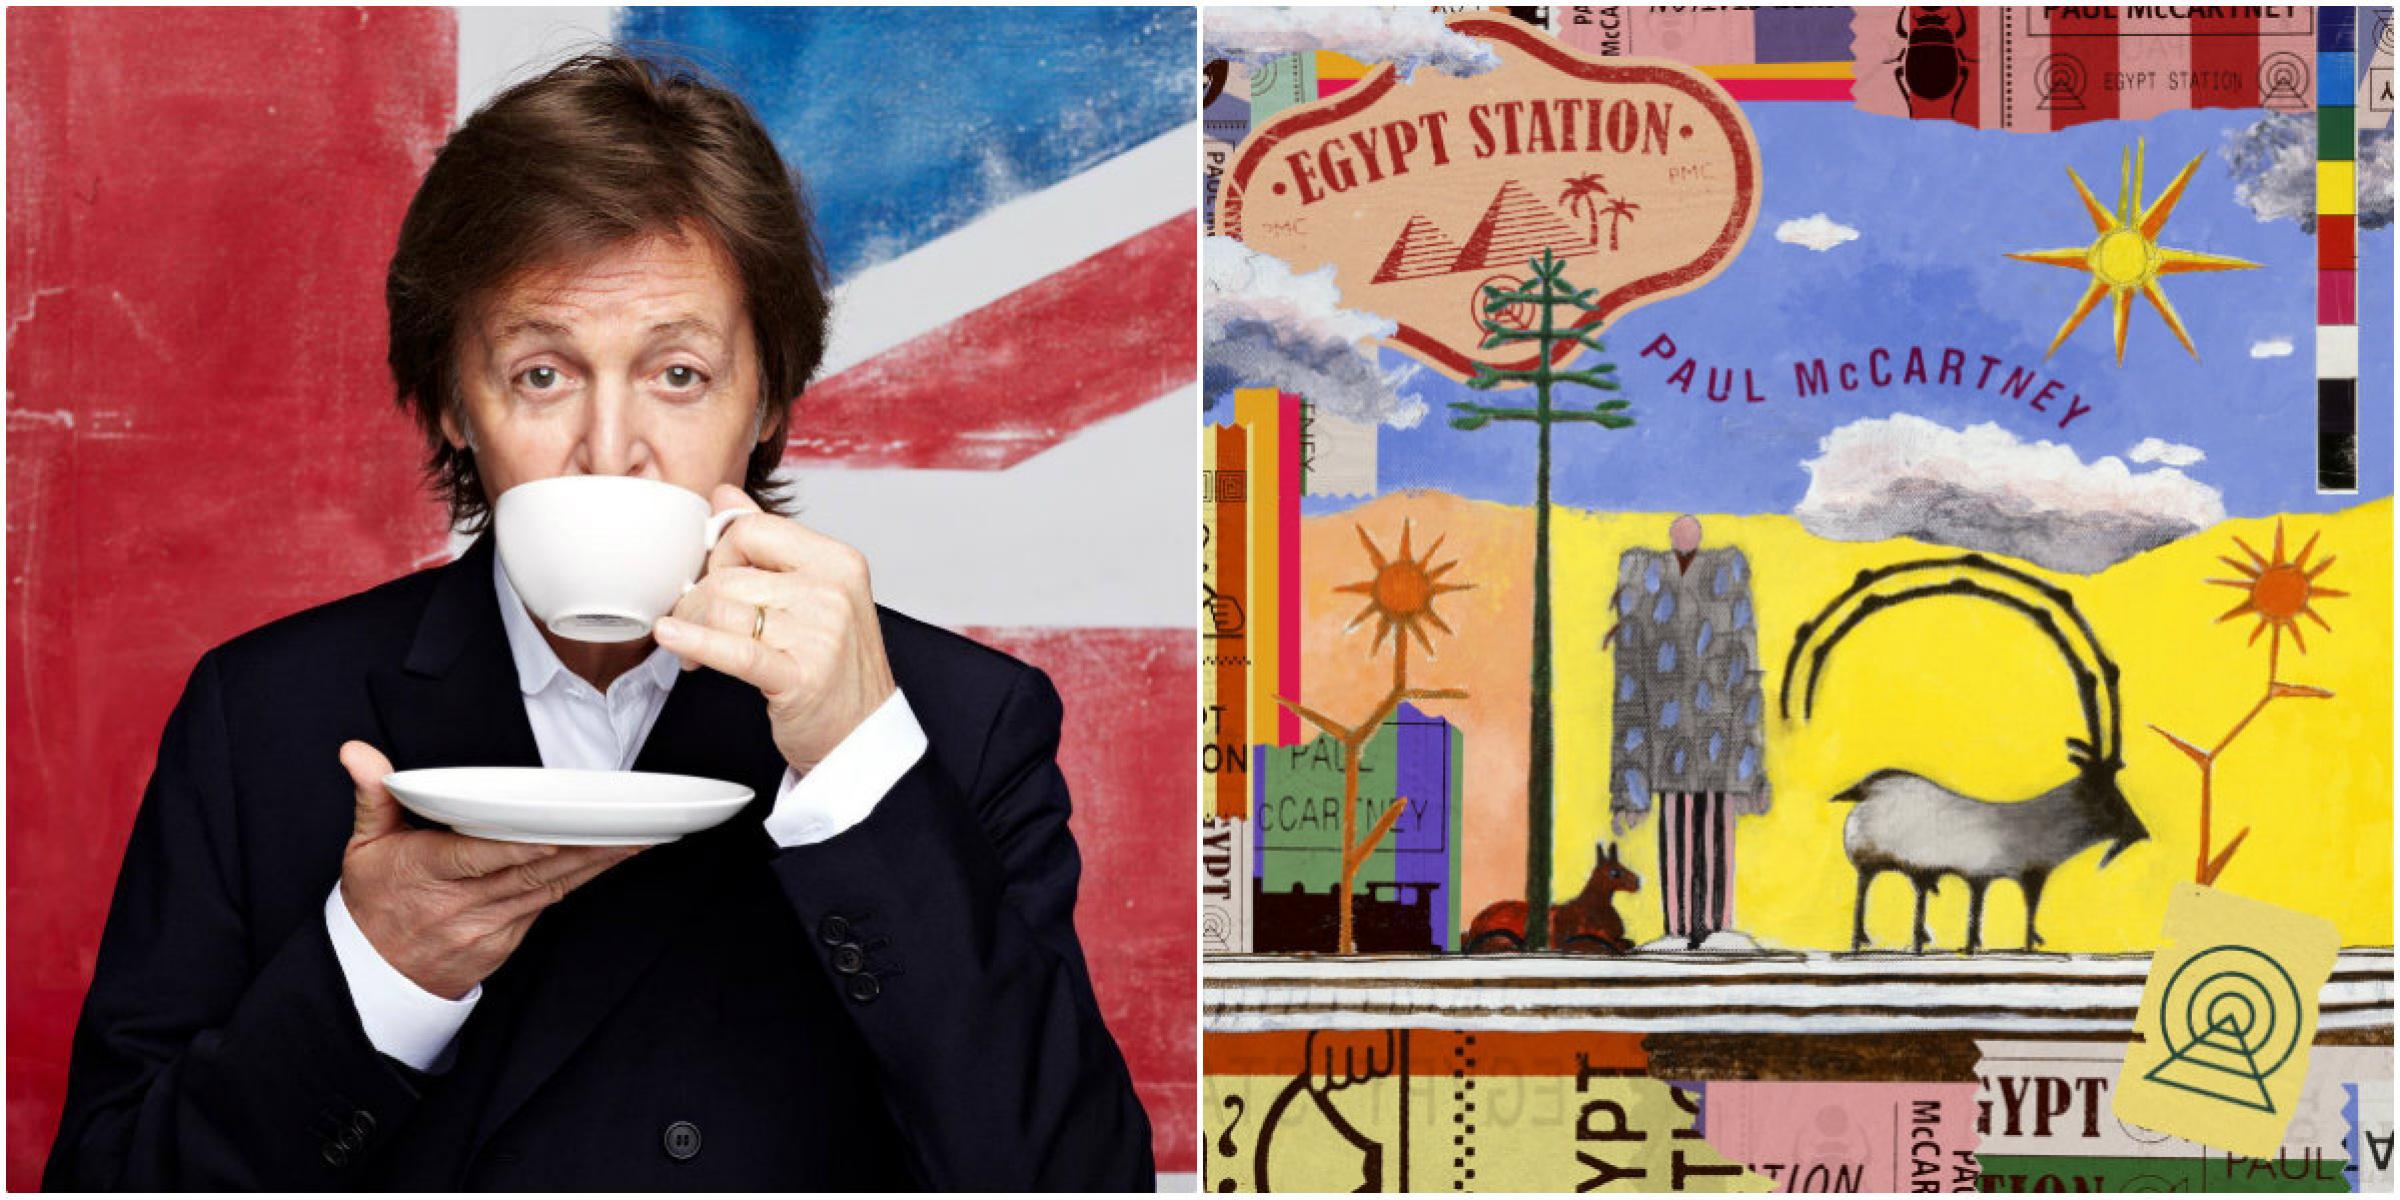 Paul McCartney Egypt Station